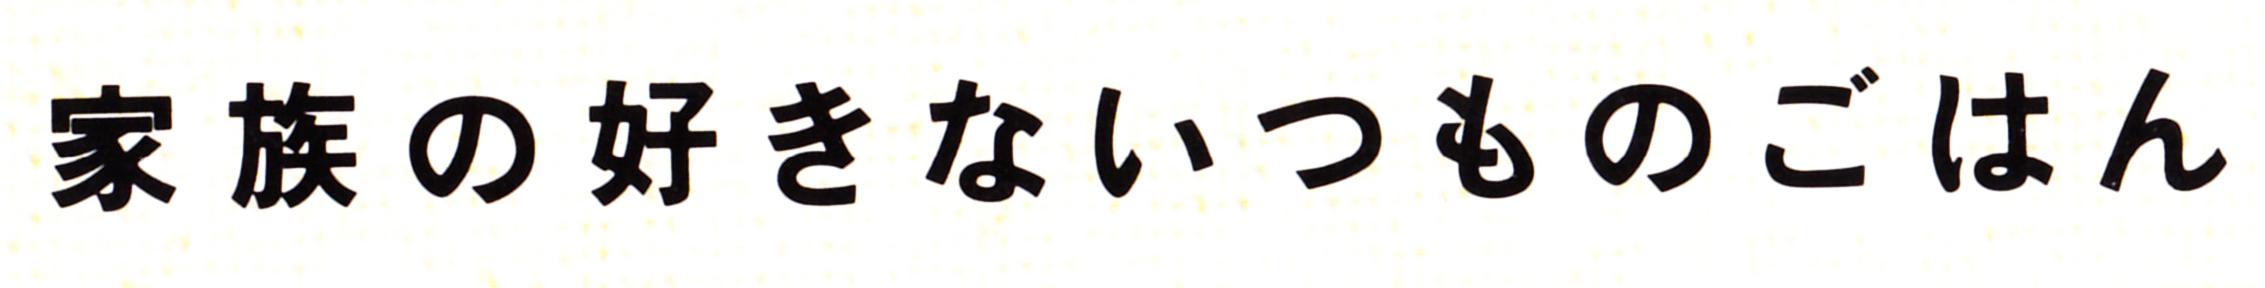 3_栗原はるみ_ごちそうさまがききたくて.jpg